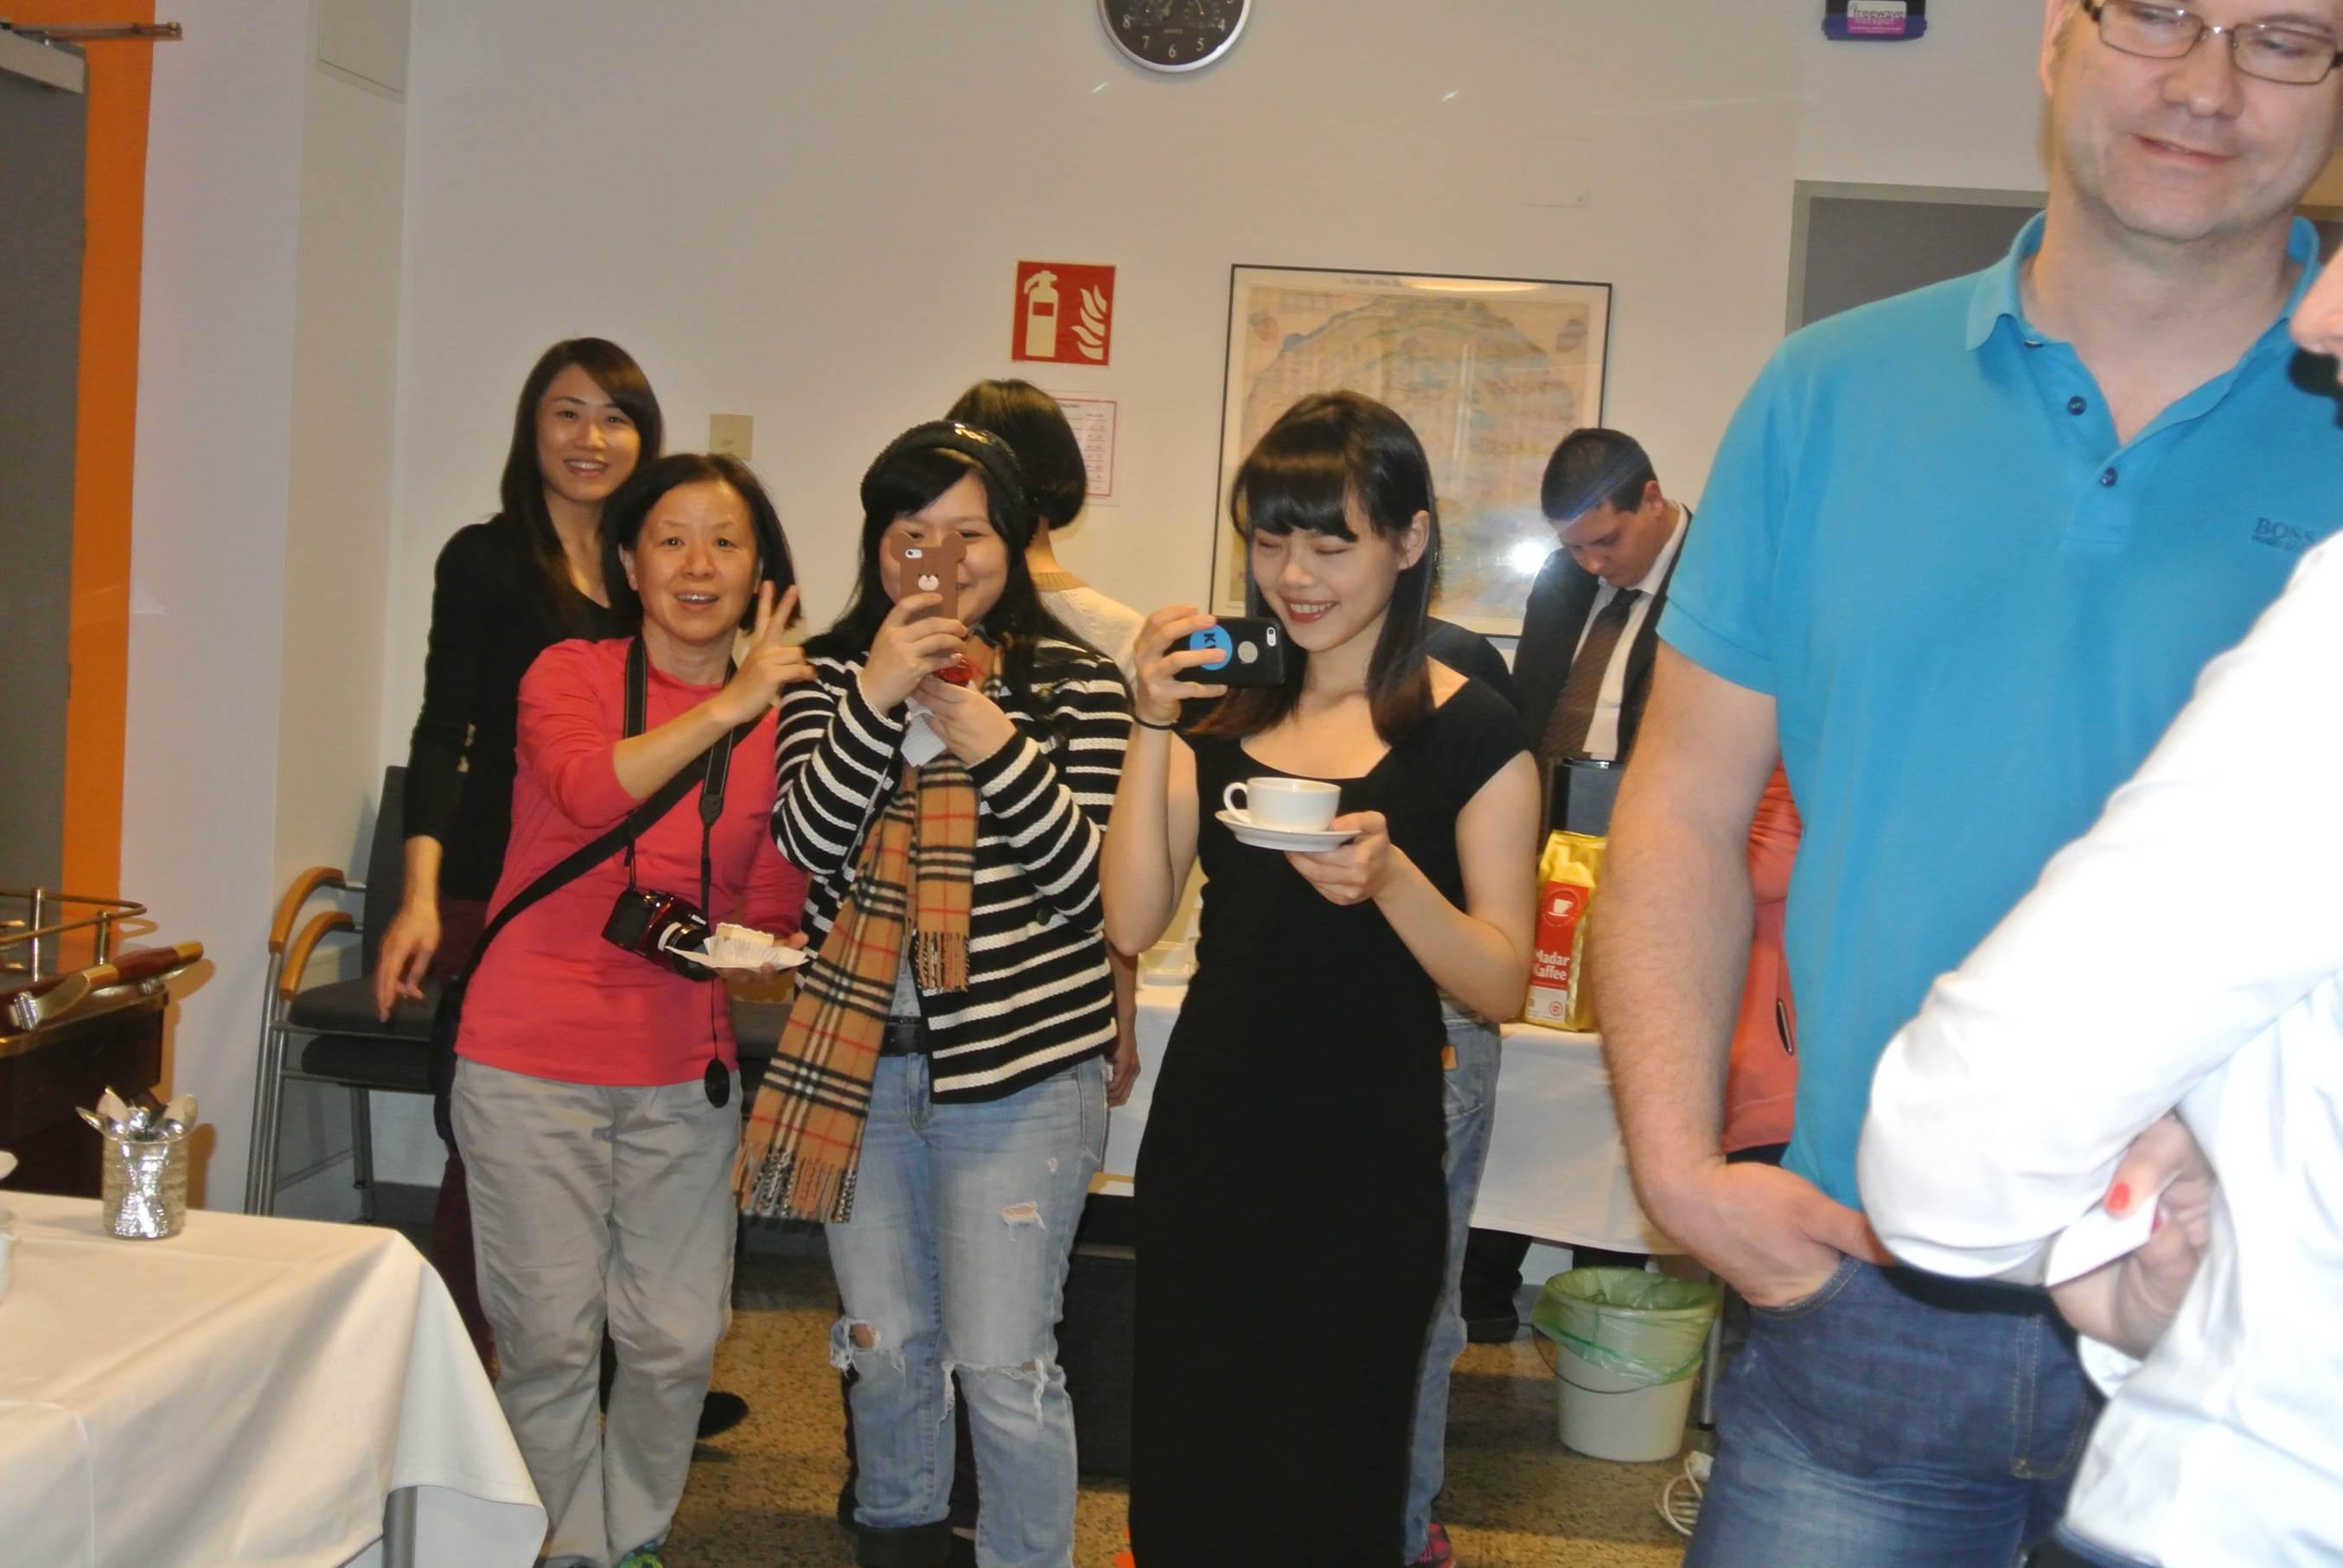 Die Damen aus Taiwan, die alle am Vortag die Prüfung zur Kaffee-Expertin positiv absolviert haben, lassen sich die Verkostung nicht entgehen.